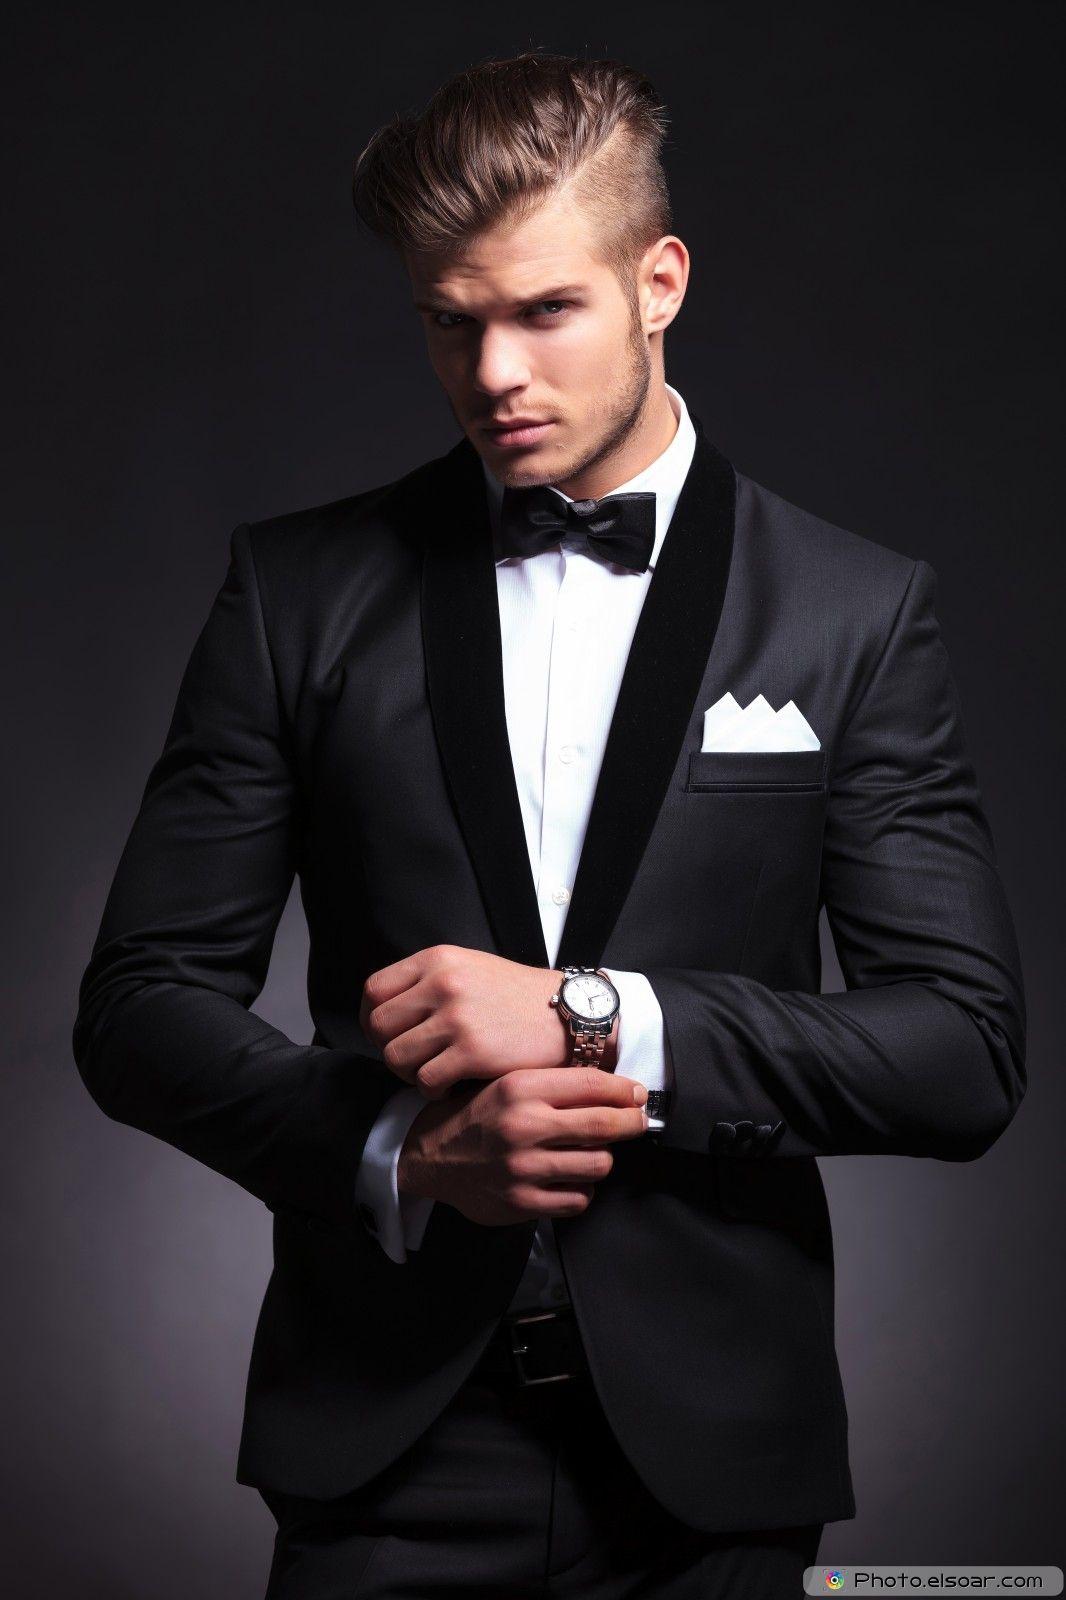 Elegant Young Fashion Man in Tuxedo  3d6db16f185a